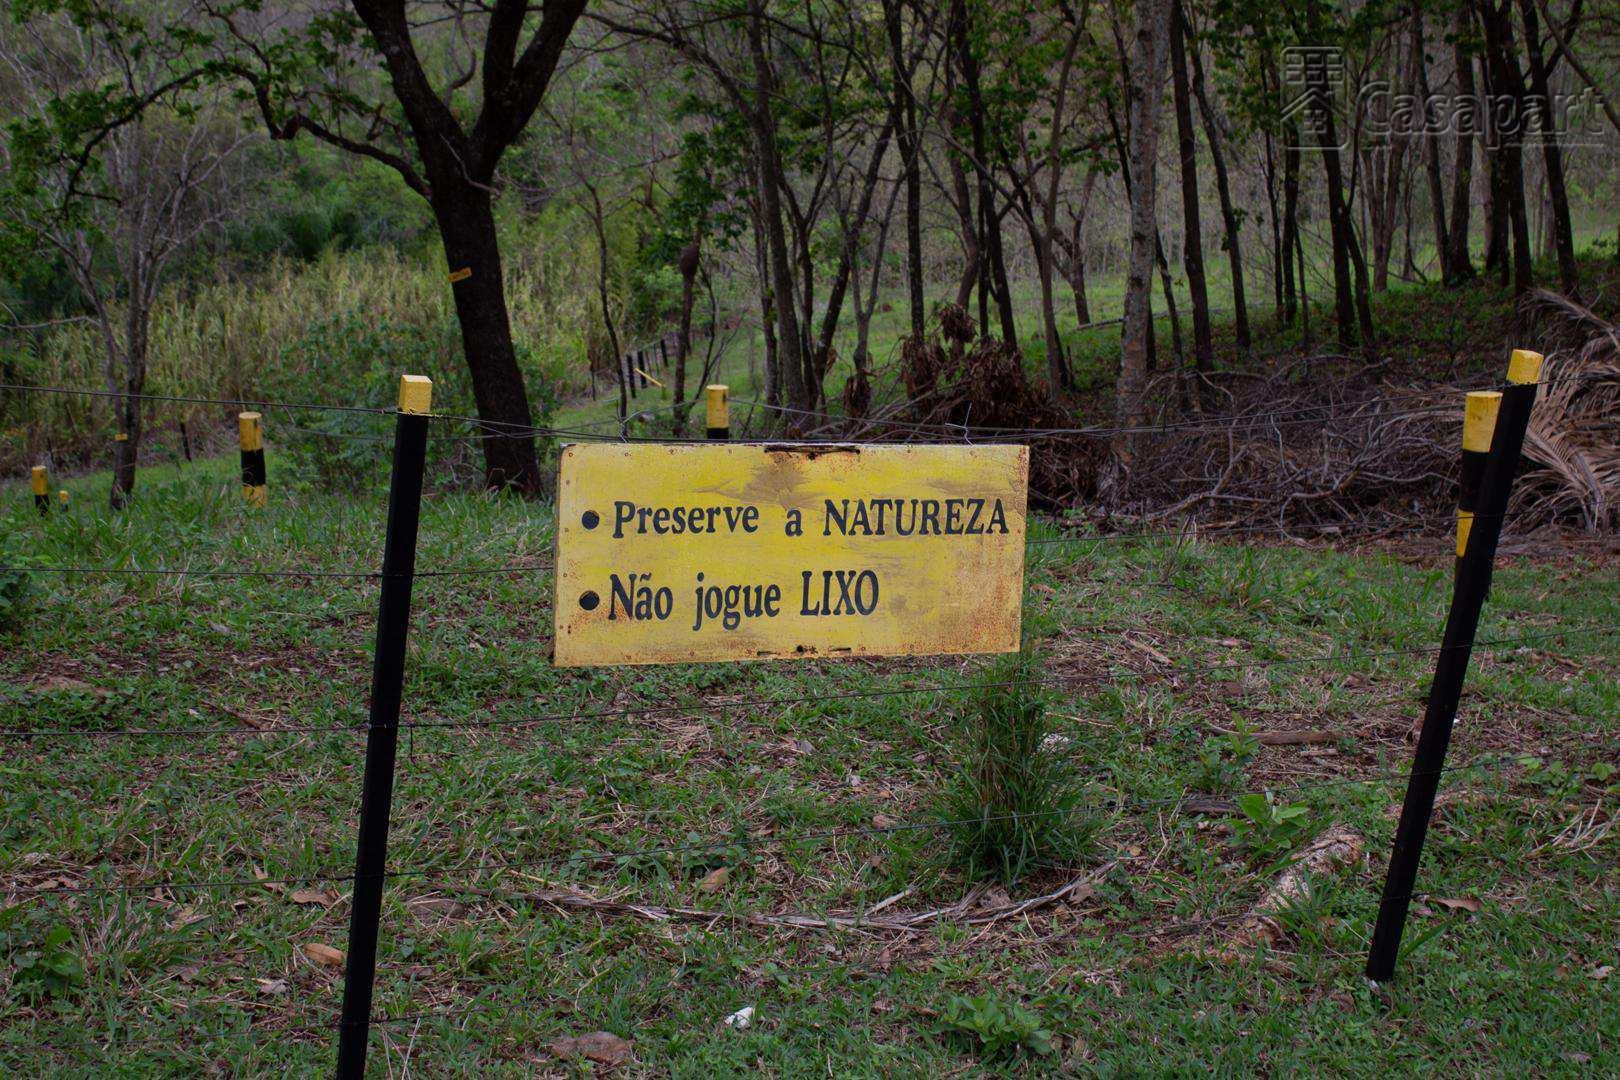 Sítio com 19 dorms, Centro, Jaraguari, 7,4ha - Codigo: 298